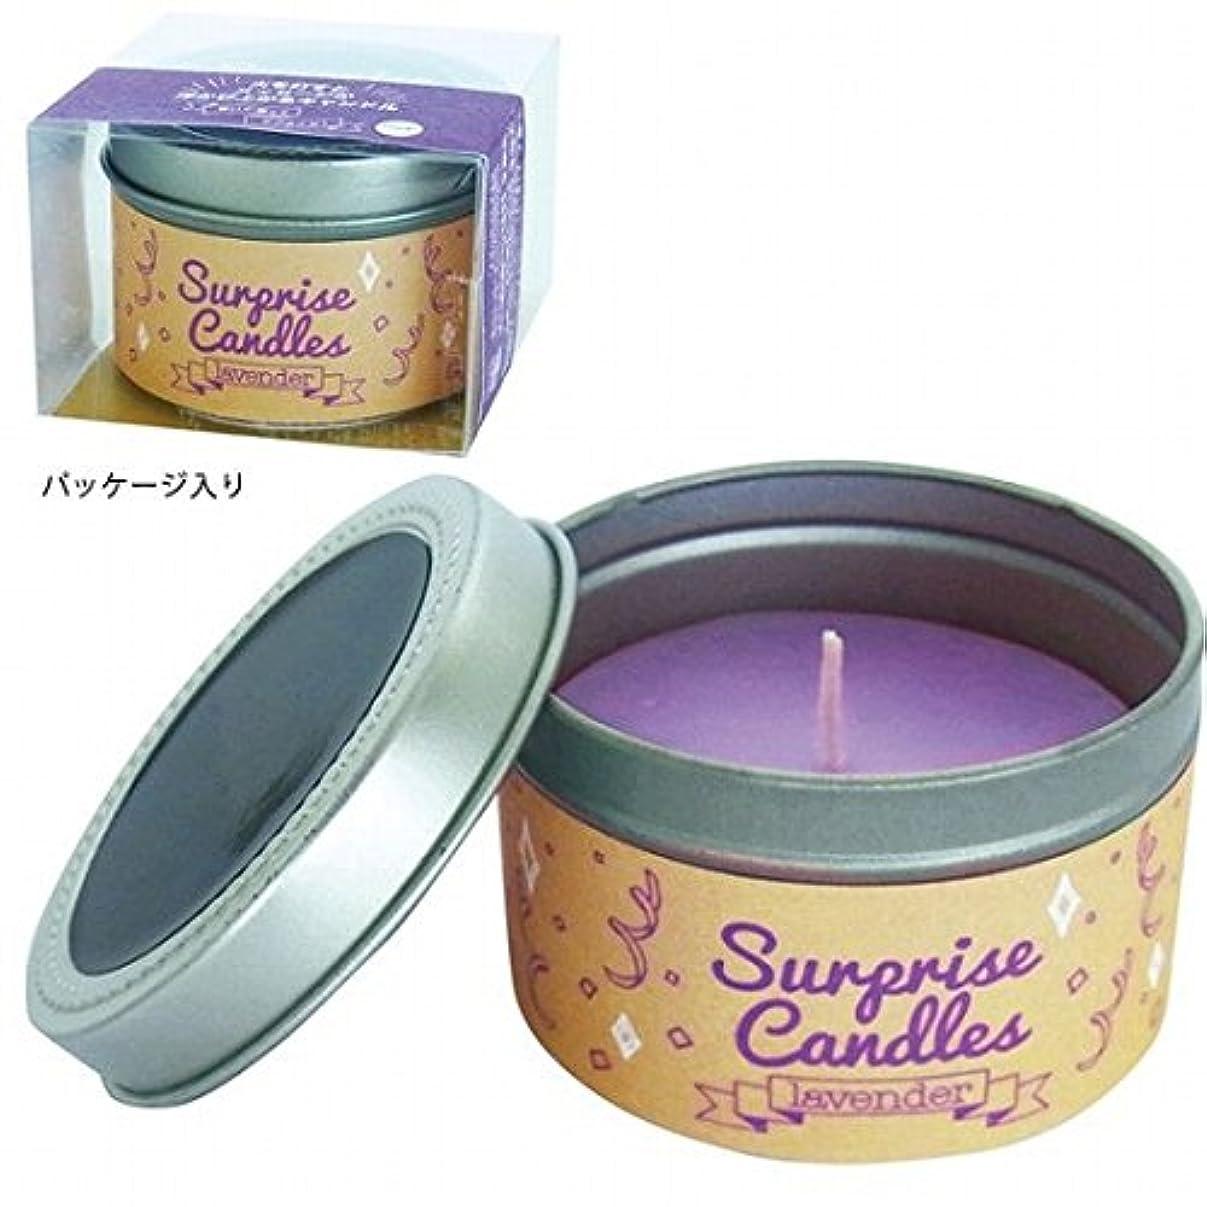 火薬ダニ年kameyama candle(カメヤマキャンドル) サプライズキャンドル 「ラベンダー」(A207005020)